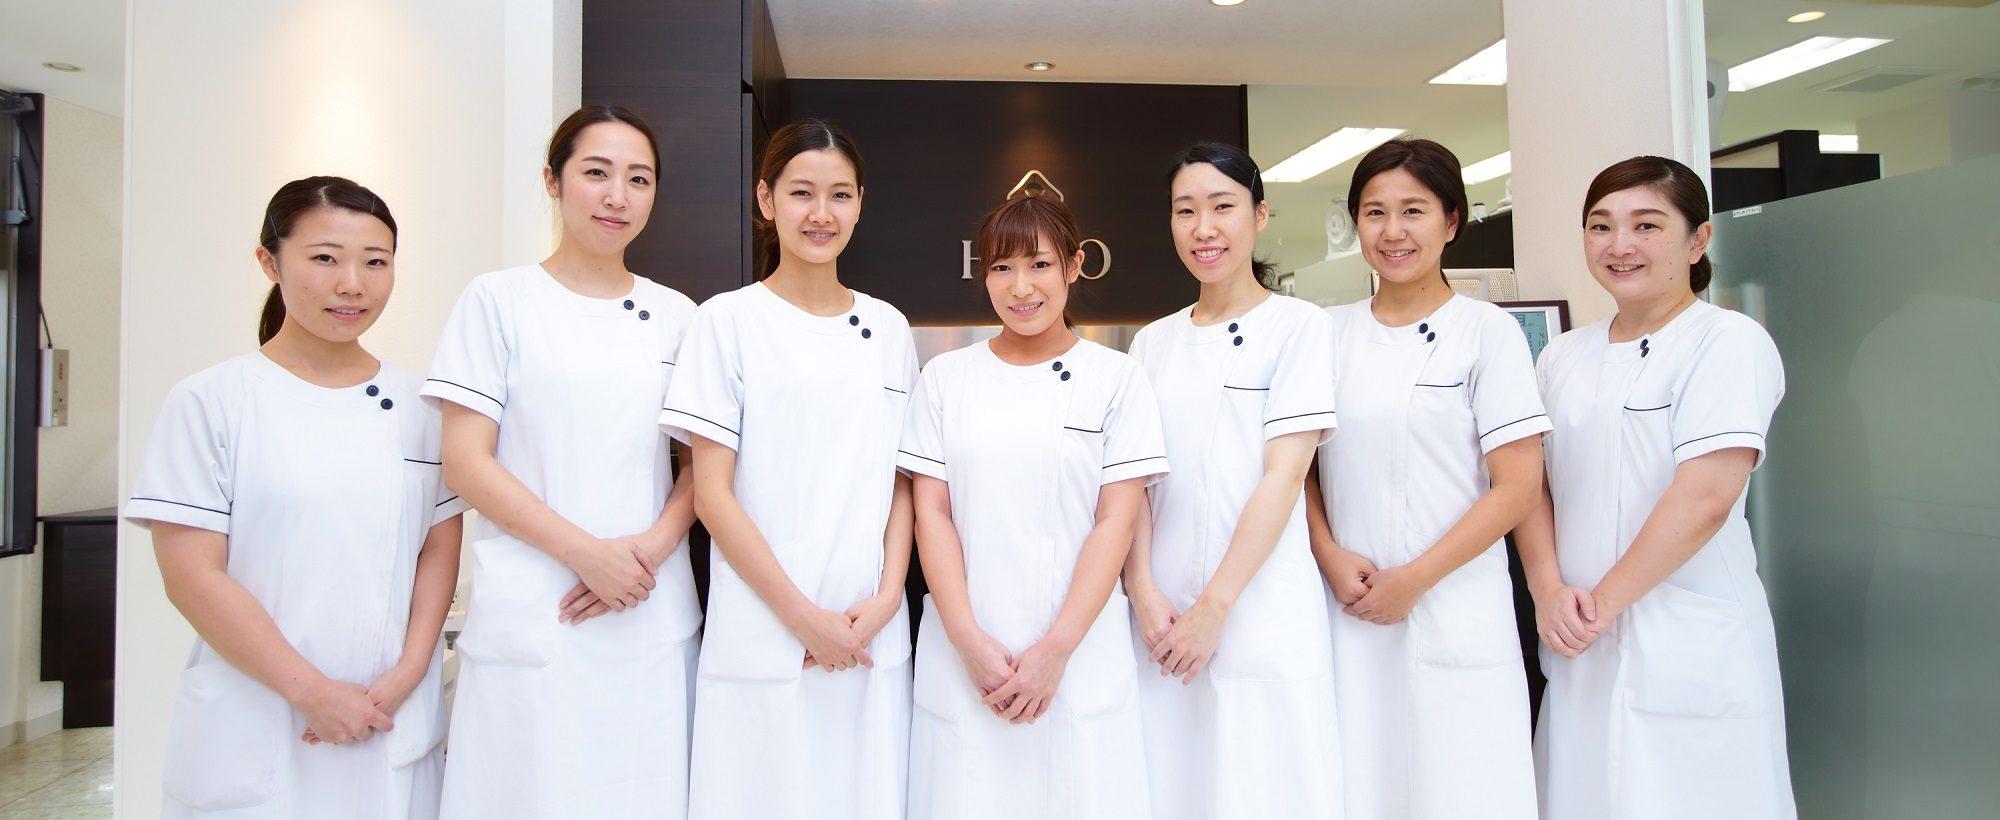 歯科衛生士紹介